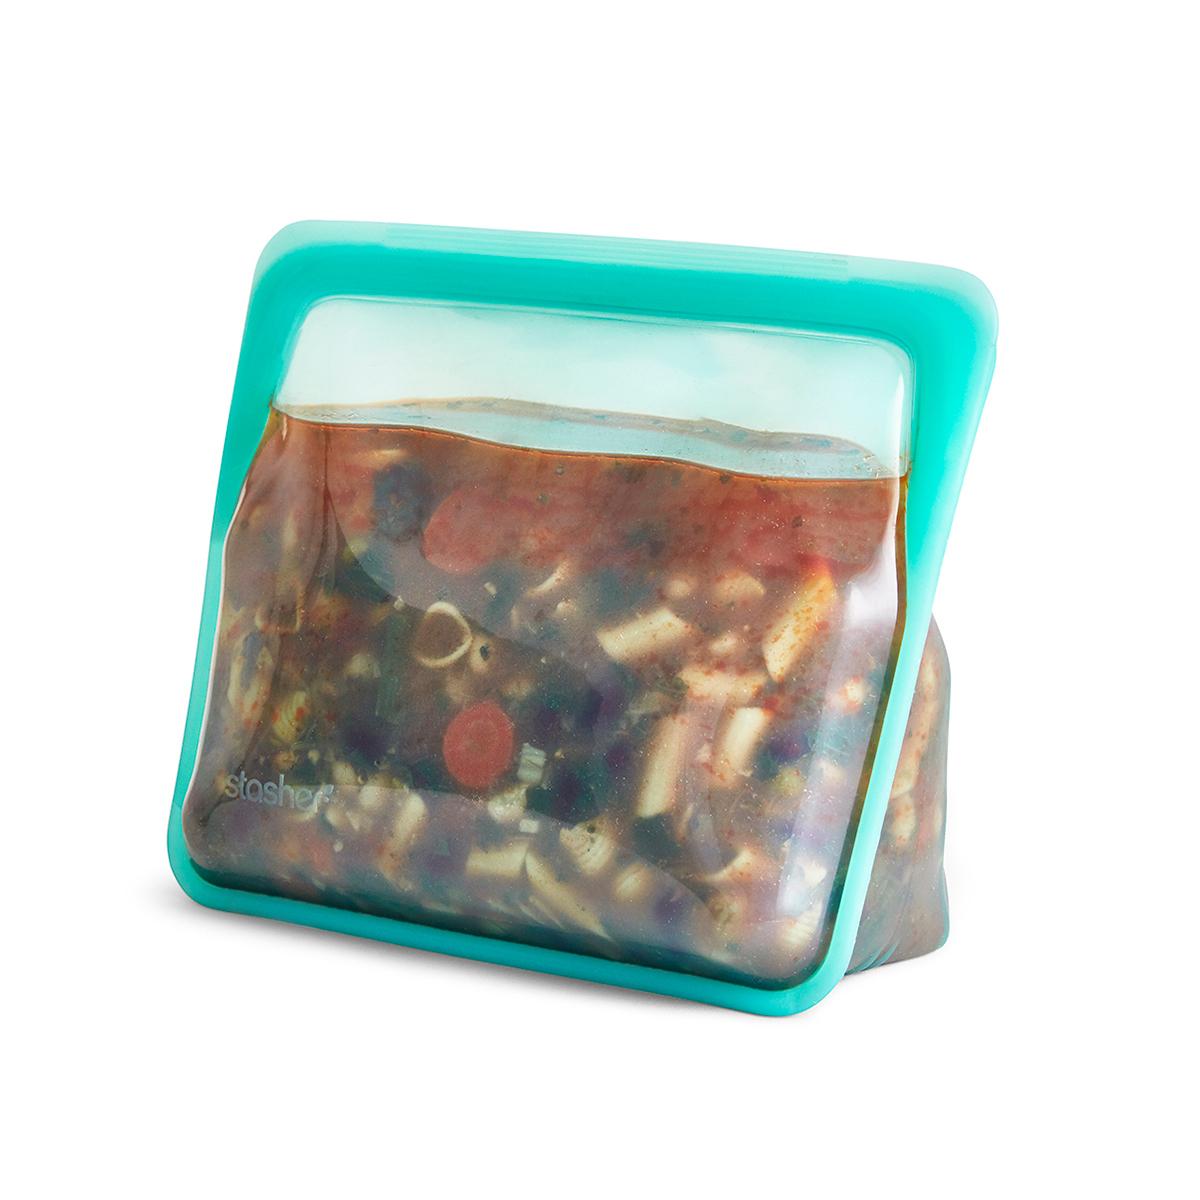 3000回加熱・冷凍できる密閉シリコンバッグ|《1059ml/スタンドアップ》密閉保存から調理まで、これひとつで完結!たっぷり容量で自立もするマルチバッグ|stasher